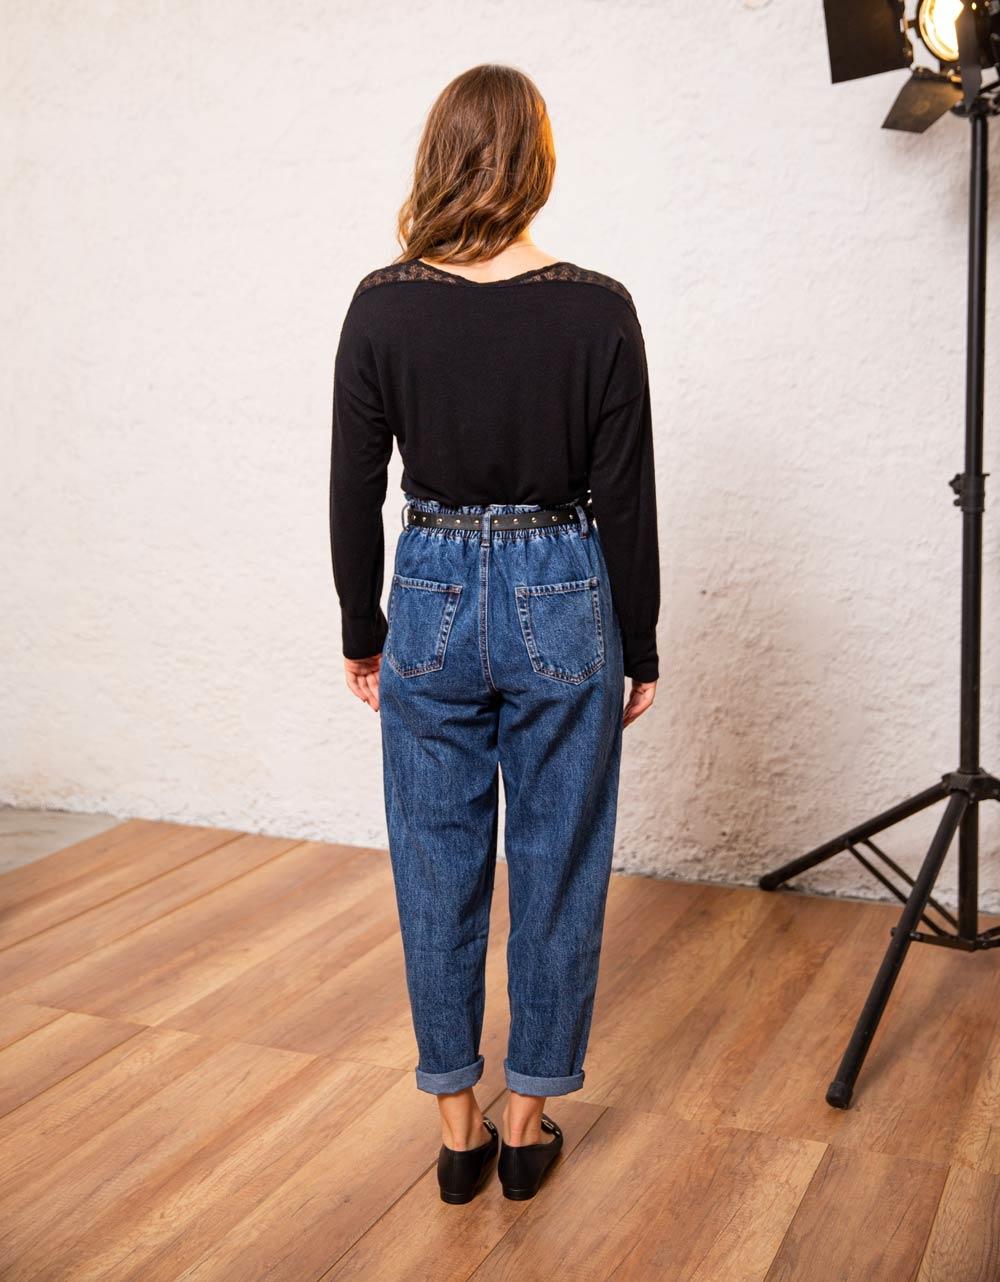 Εικόνα από Γυναικεία μπλούζα με δαντέλα στους ώμους Μαύρο